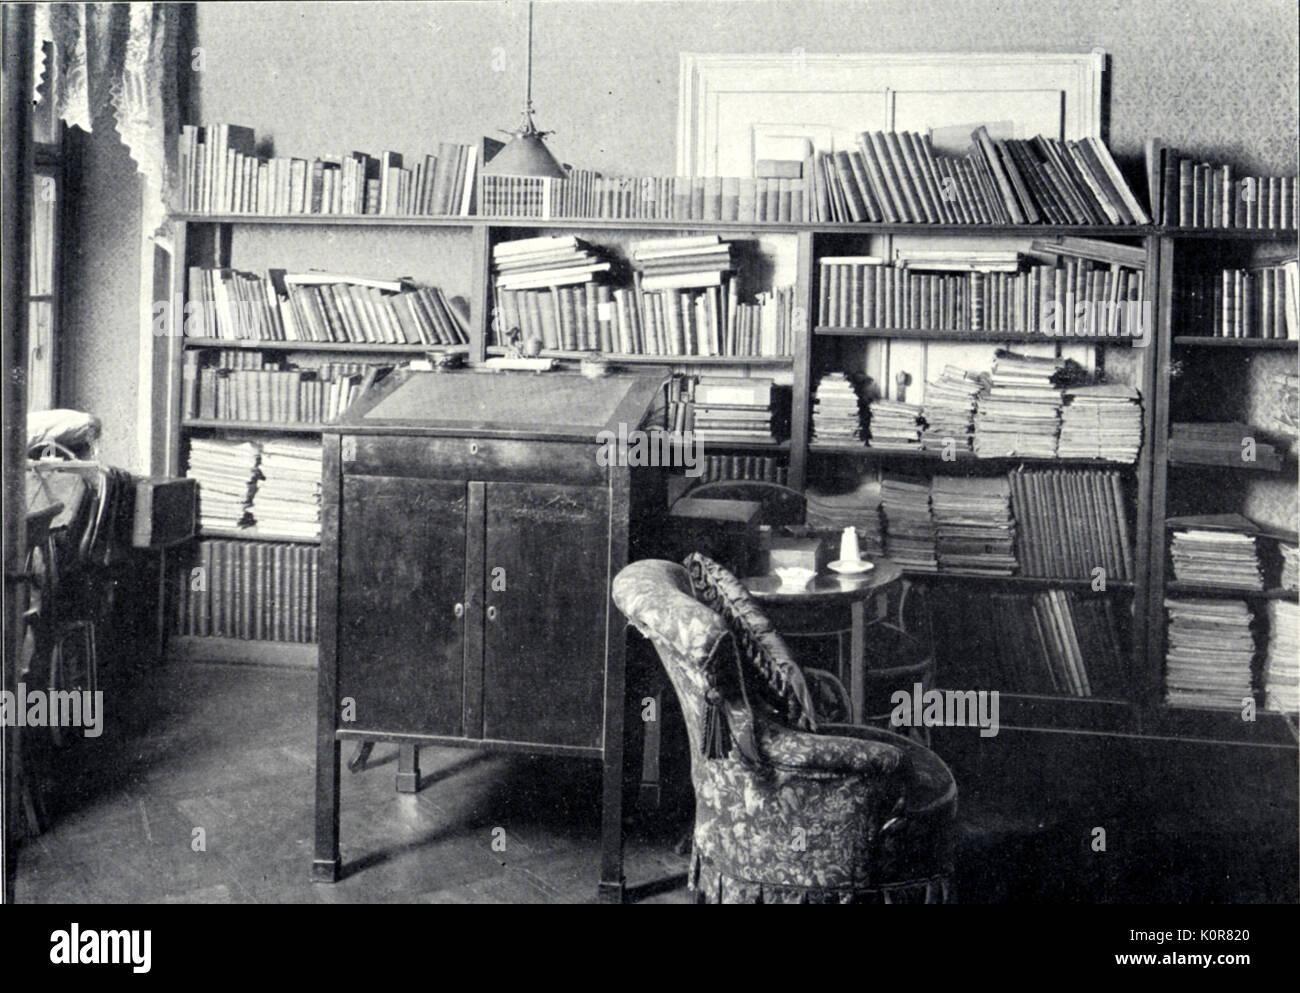 Johannes Brahms studio e la biblioteca di Vienna. Compositore tedesco ( 1833 - 1897 ) Foto Stock